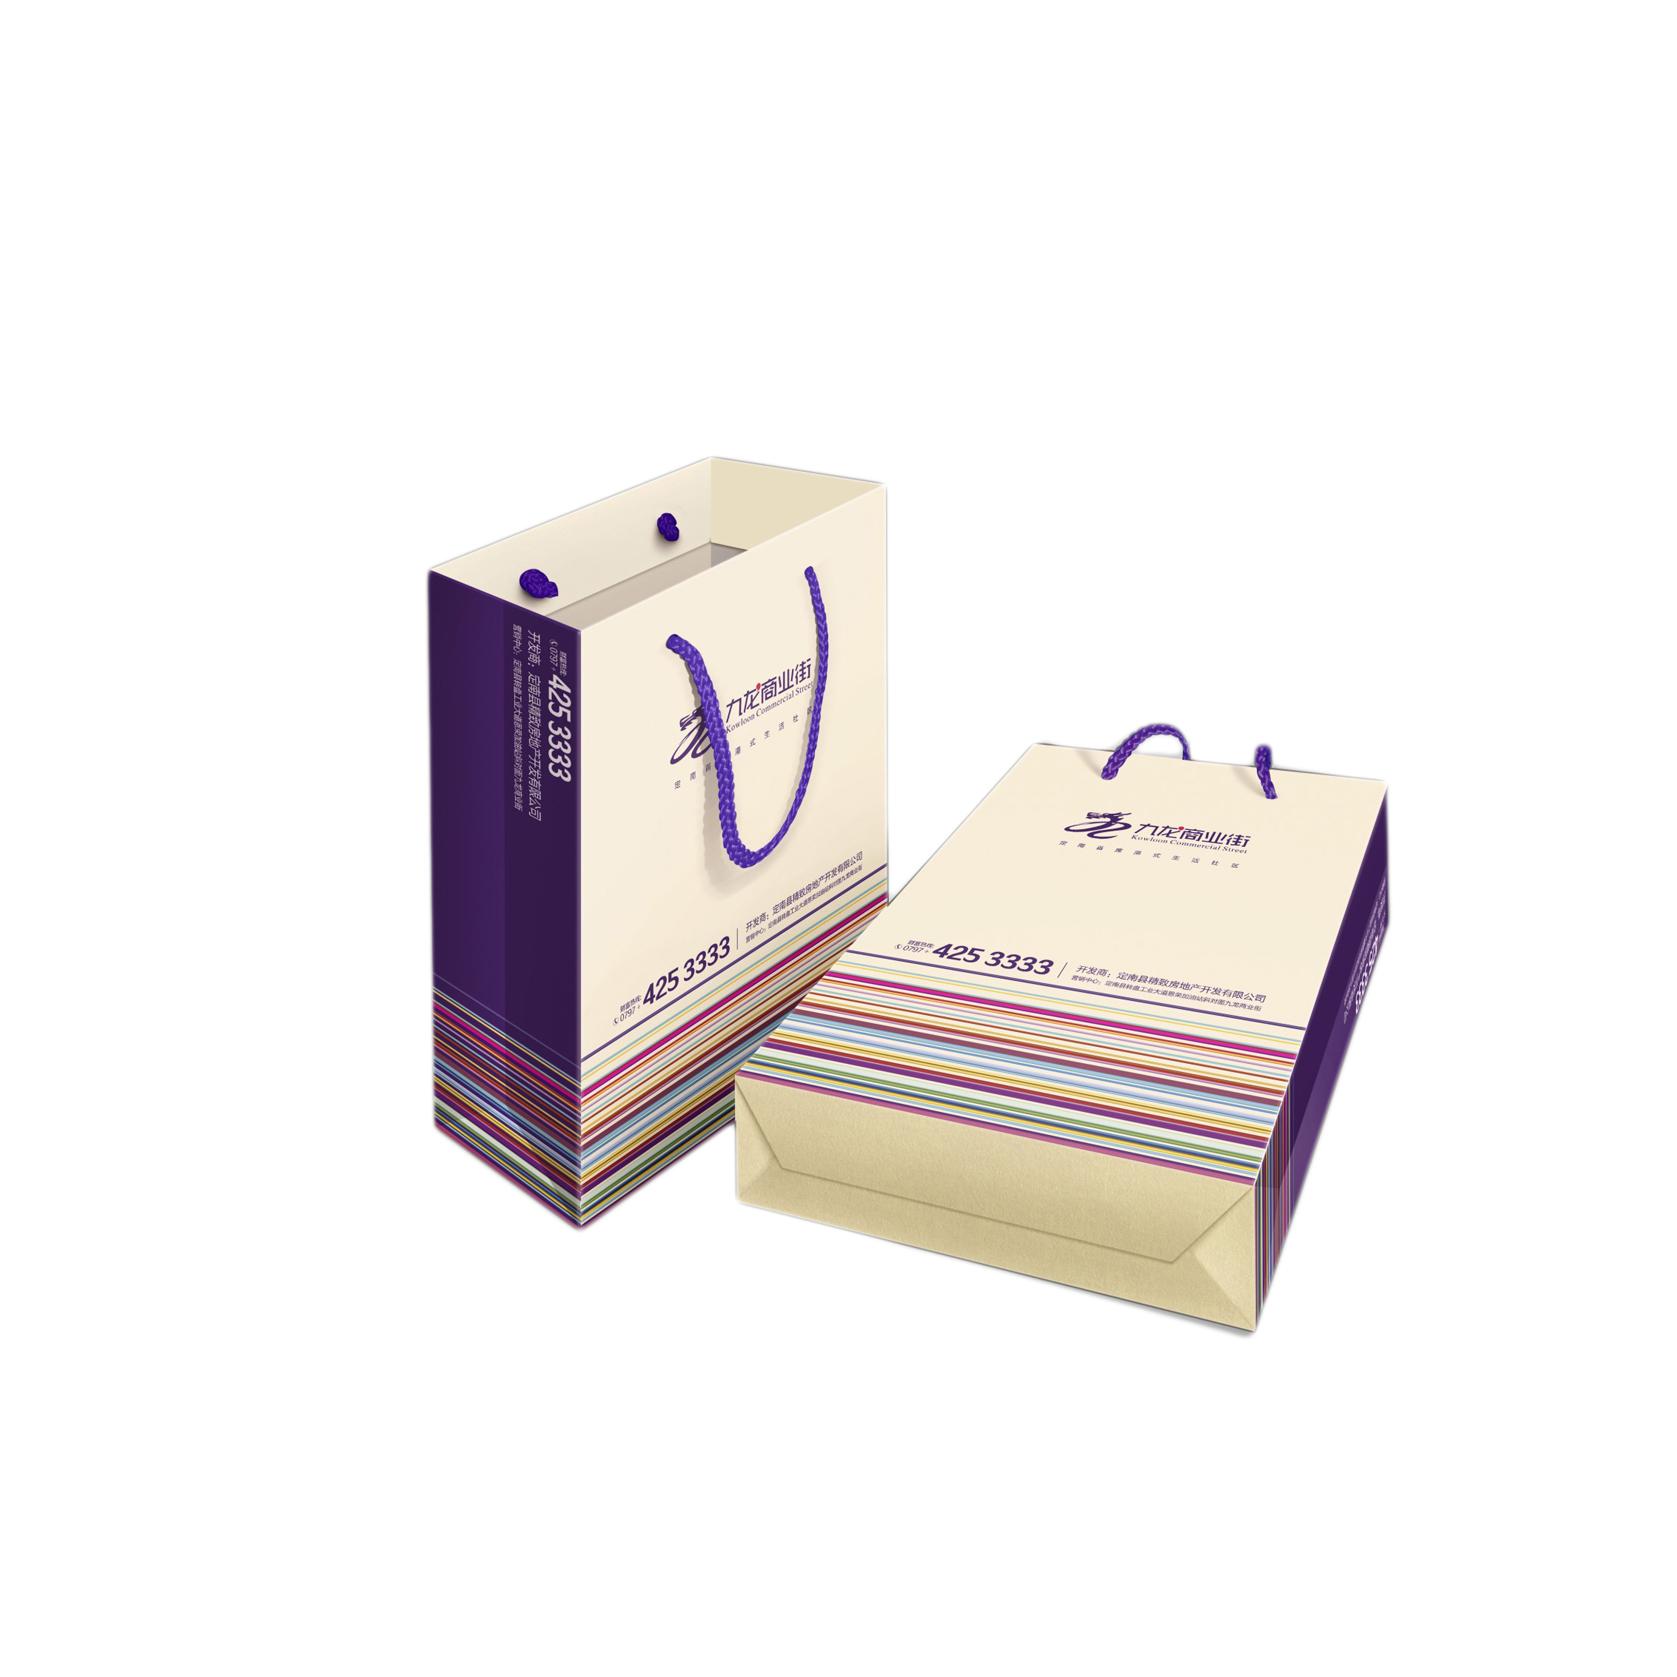 梅州手提袋(商务)